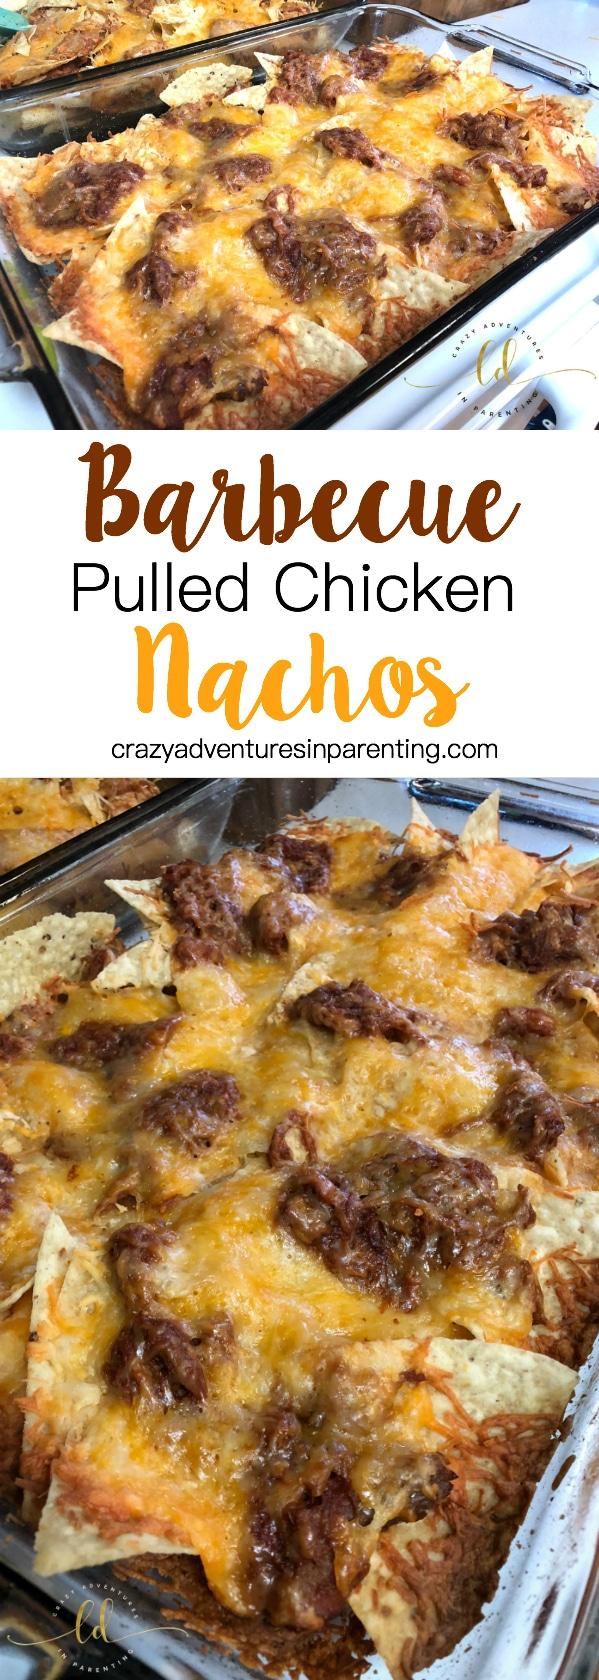 Barbecue Pulled Chicken Nachos